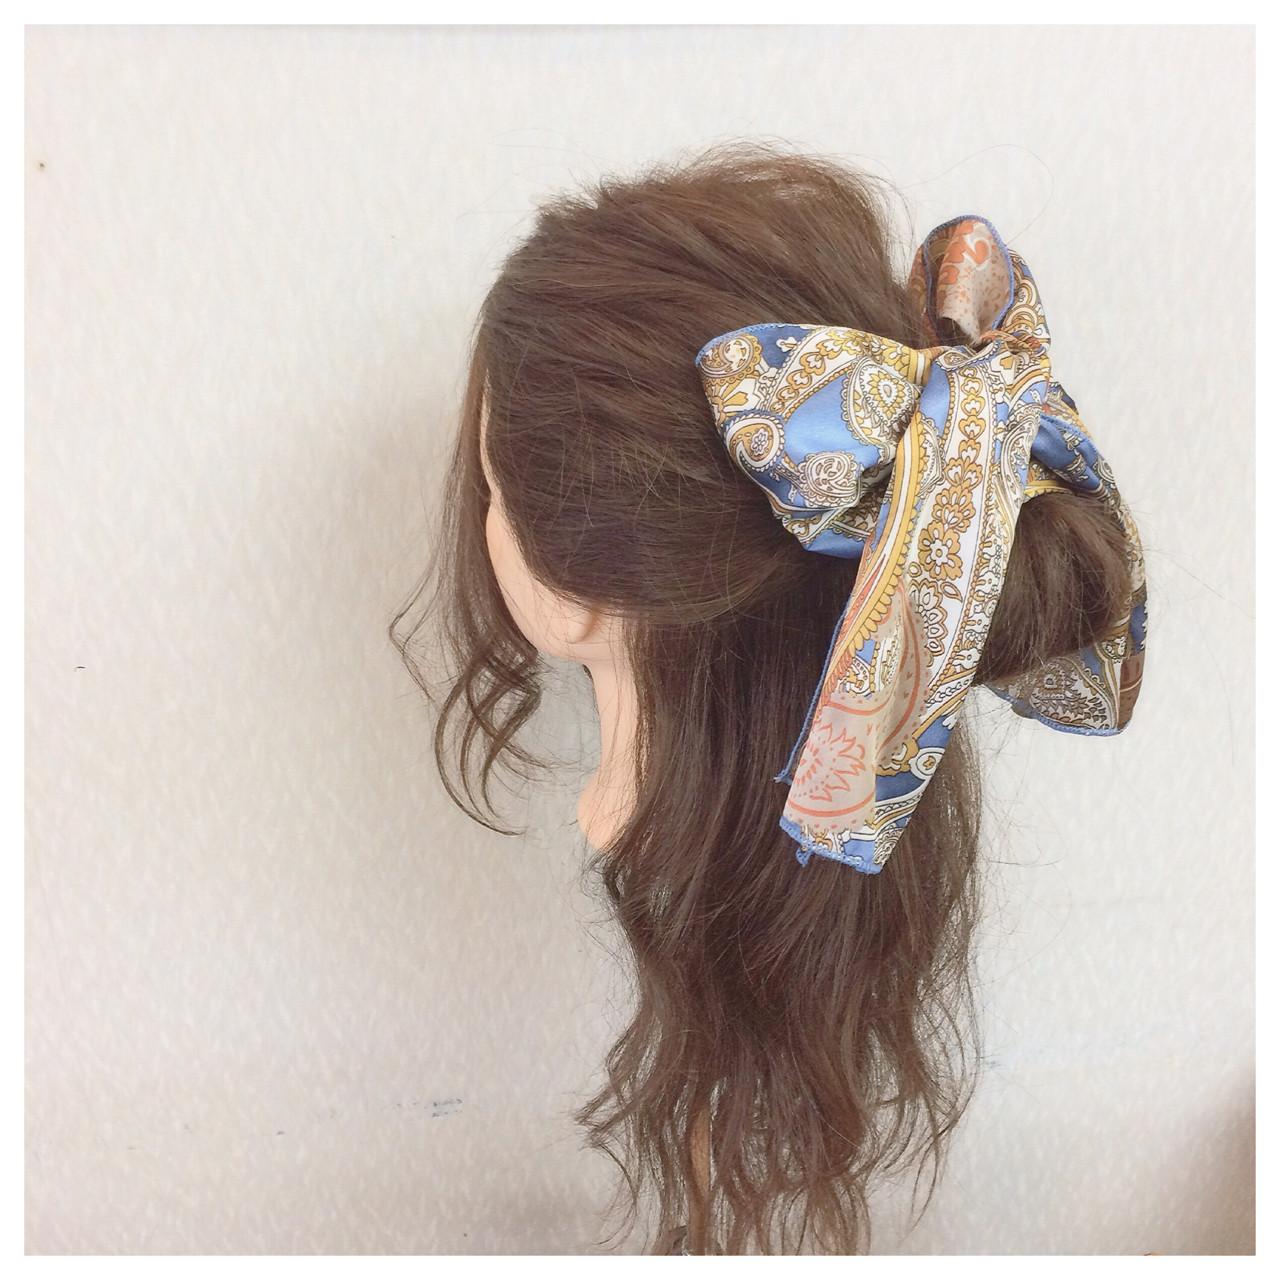 ハーフアップ 結婚式 ヘアアレンジ 簡単ヘアアレンジ ヘアスタイルや髪型の写真・画像